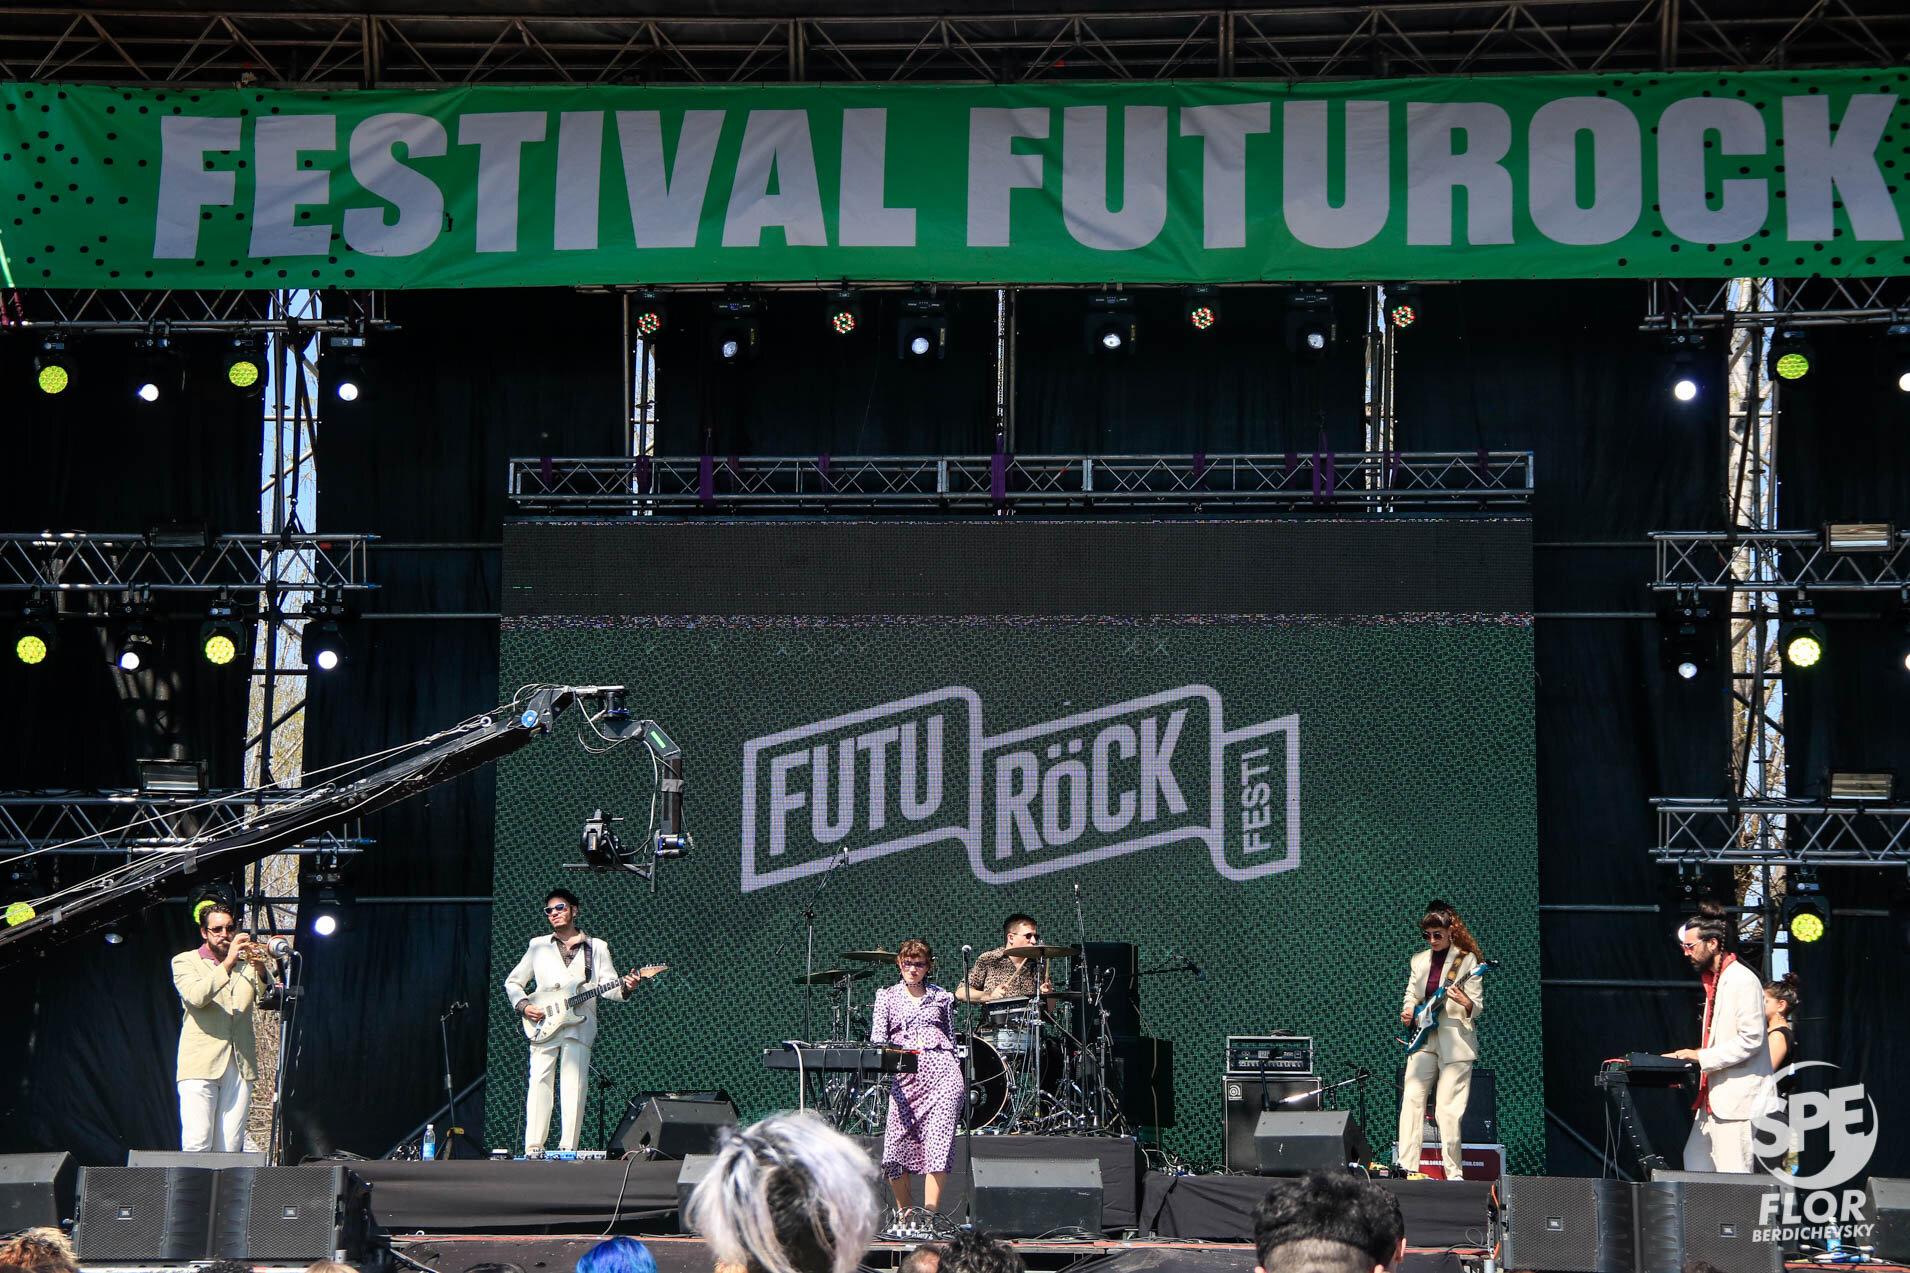 La banda Weste participa del Festival Futurock en el estadio Malvinas Argentinas, el 28 de Septiembre de 2019. El festival estuvo organizado por la radio Futurock. Foto de: Florencia Berdichevsky